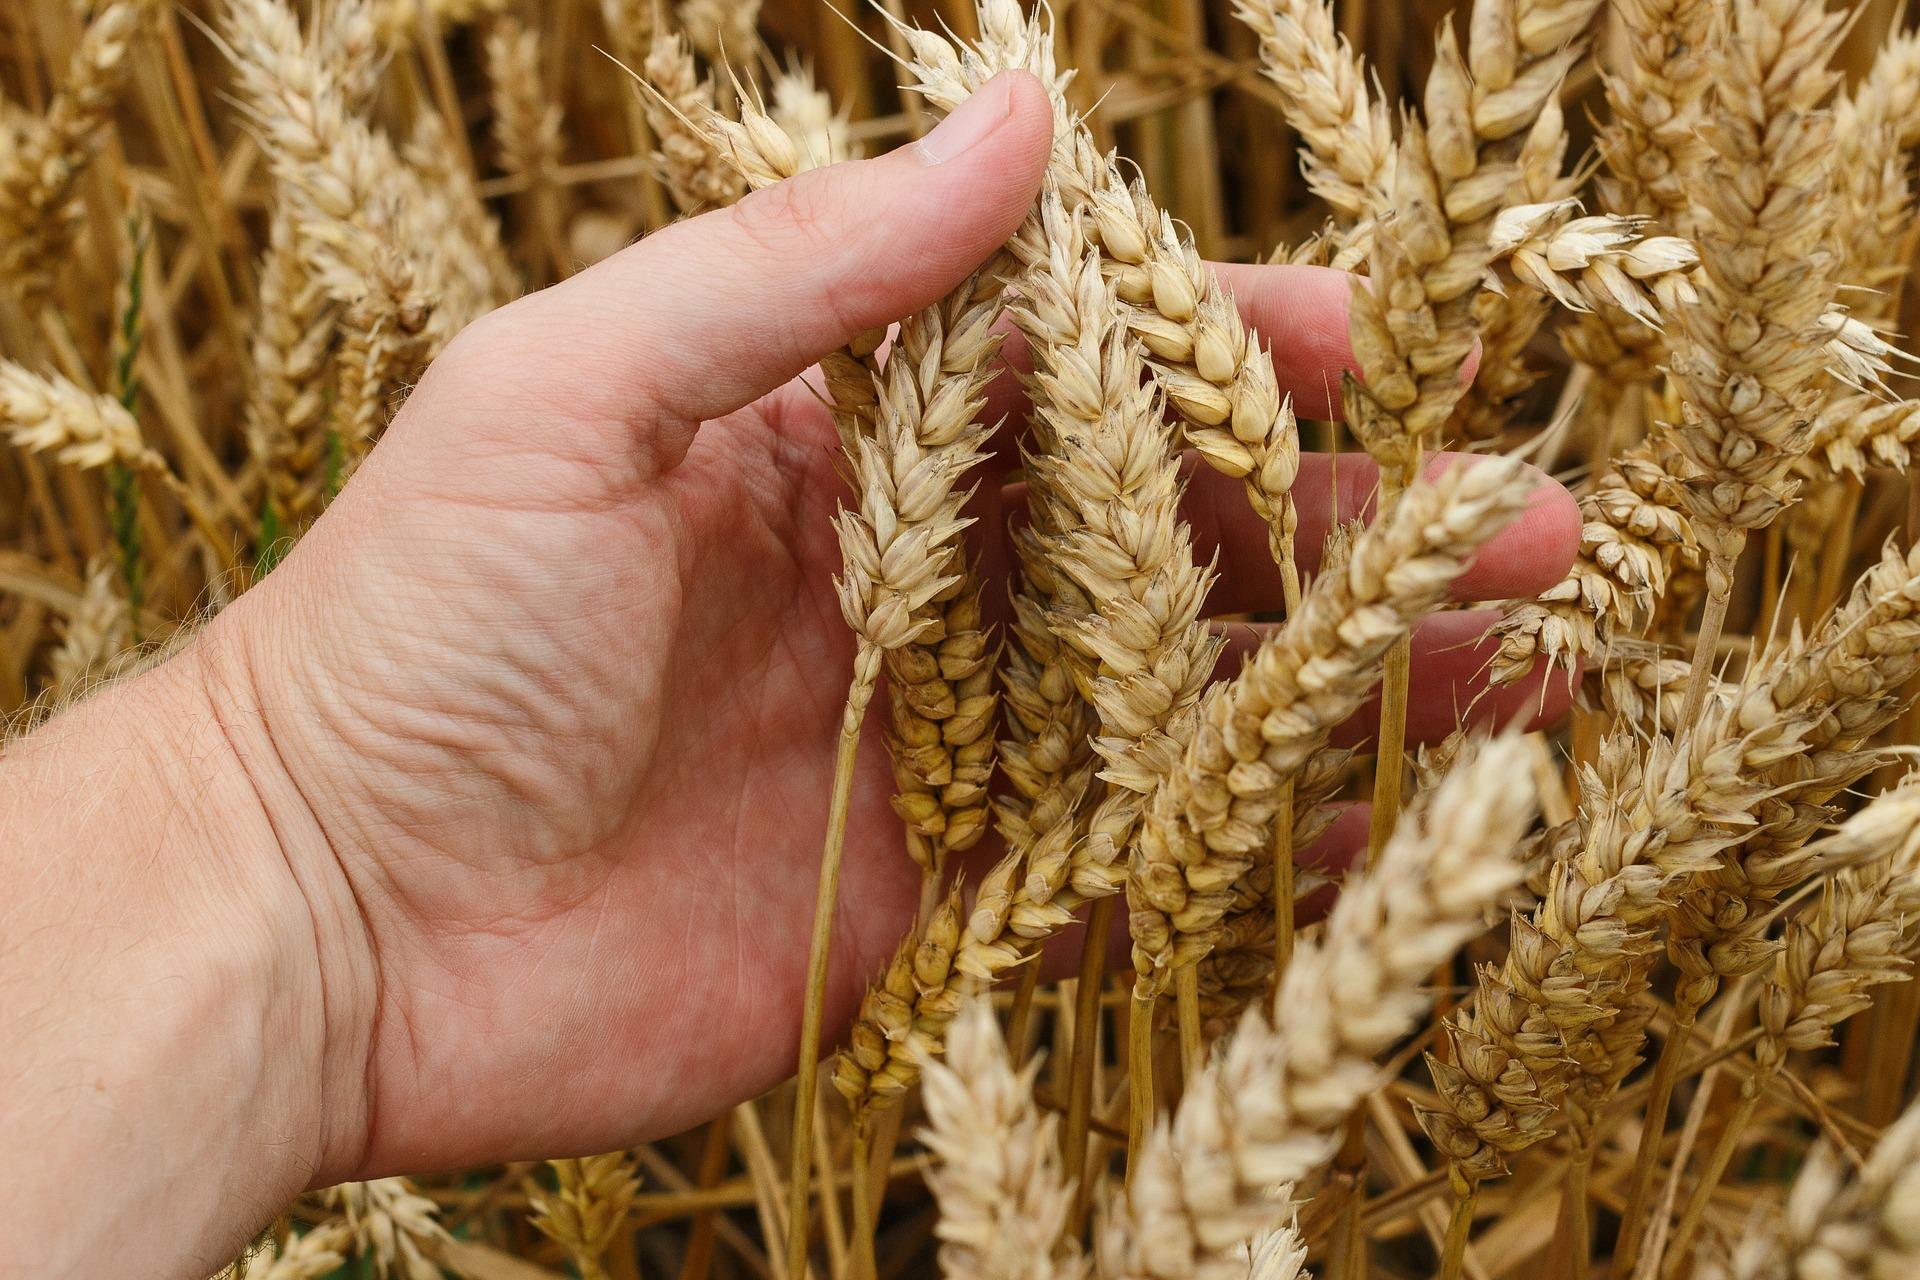 Менеджер ферми, ветеринар та агроном — найбільш затребувані вакансії в агросекторі